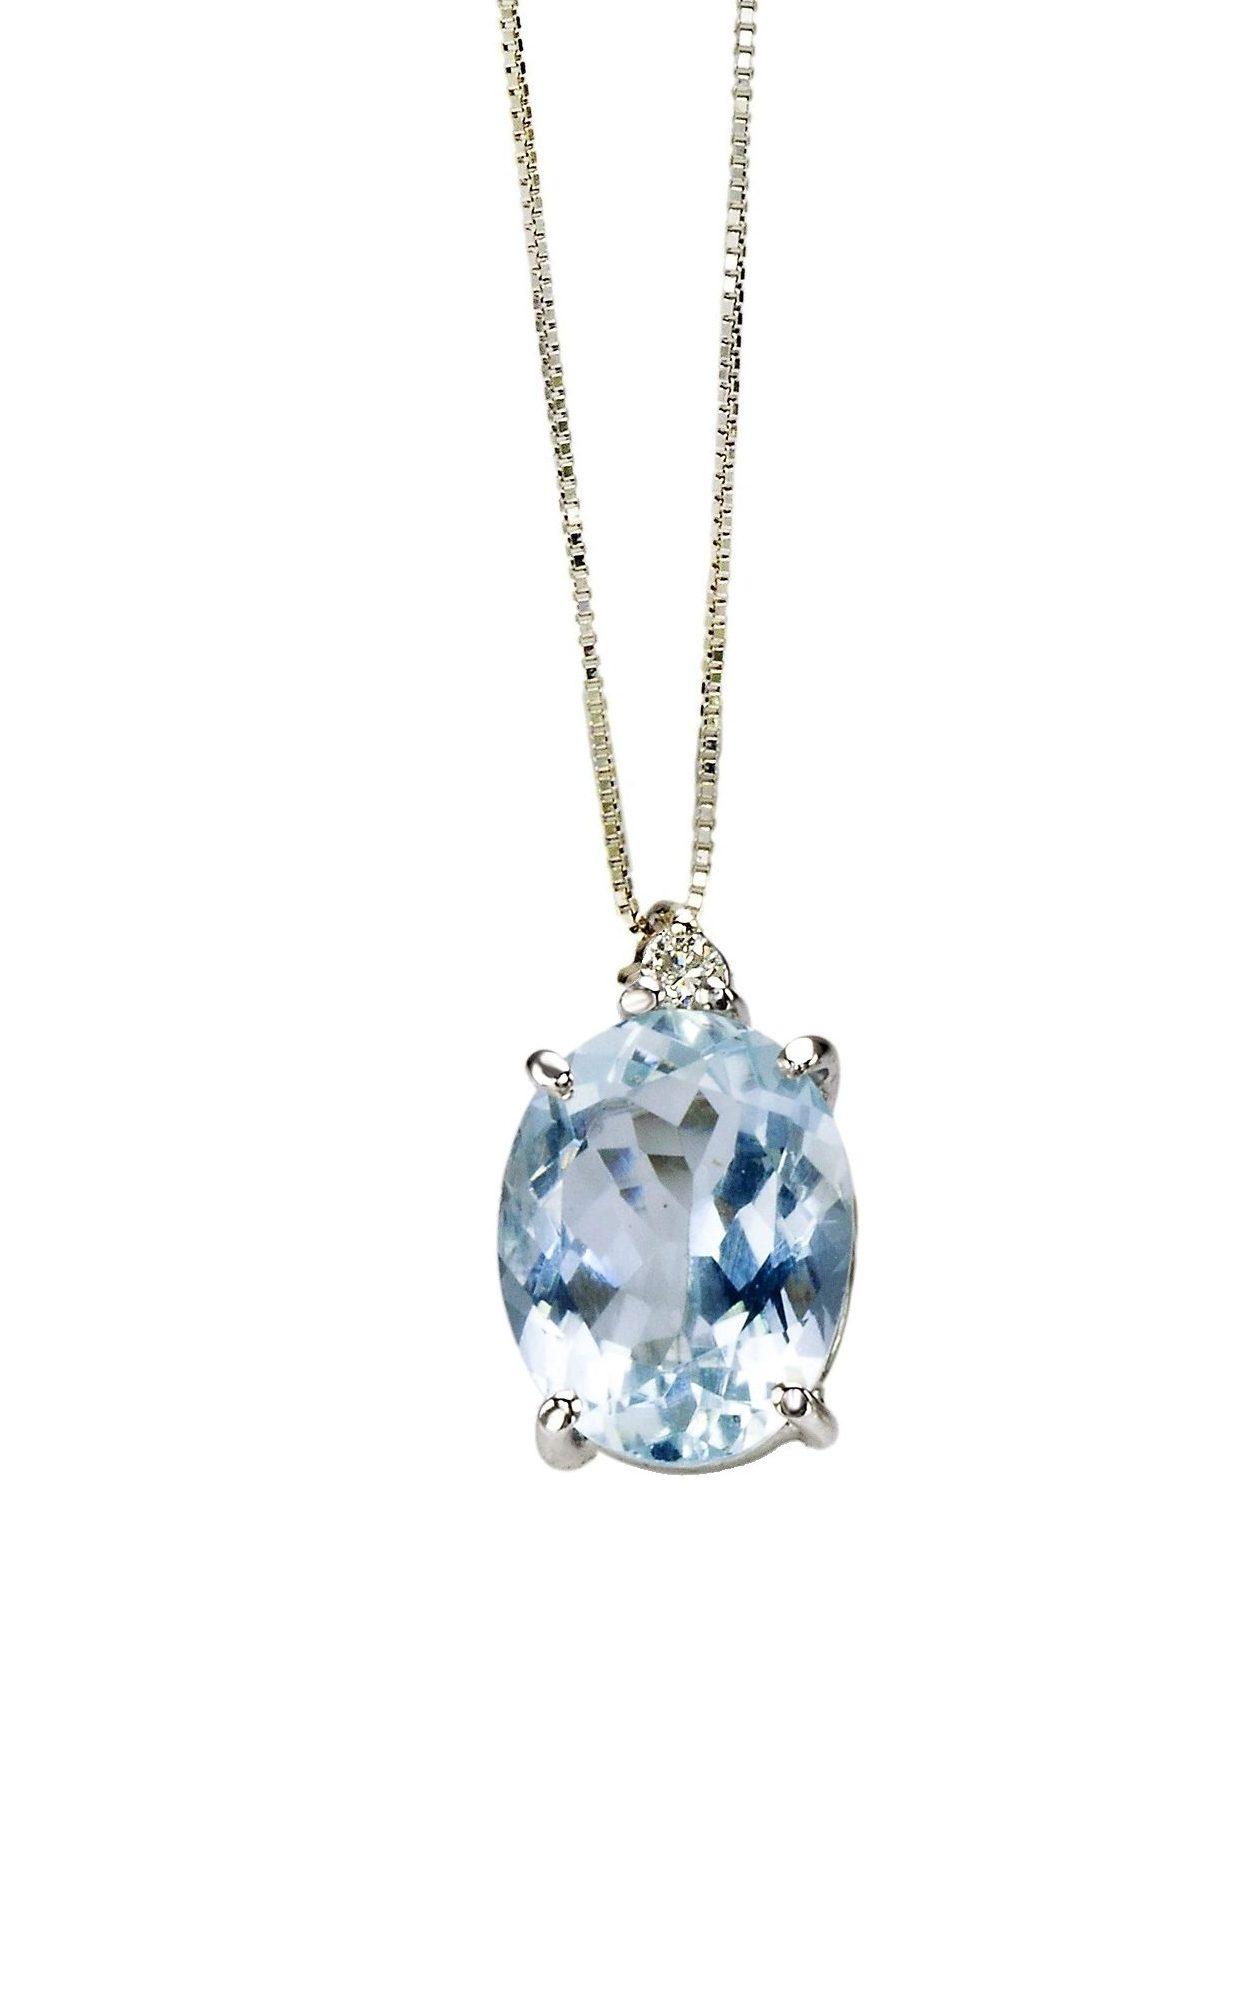 nuovo di zecca 60538 37f47 Collana Acquamarina in Oro Bianco e Diamanti